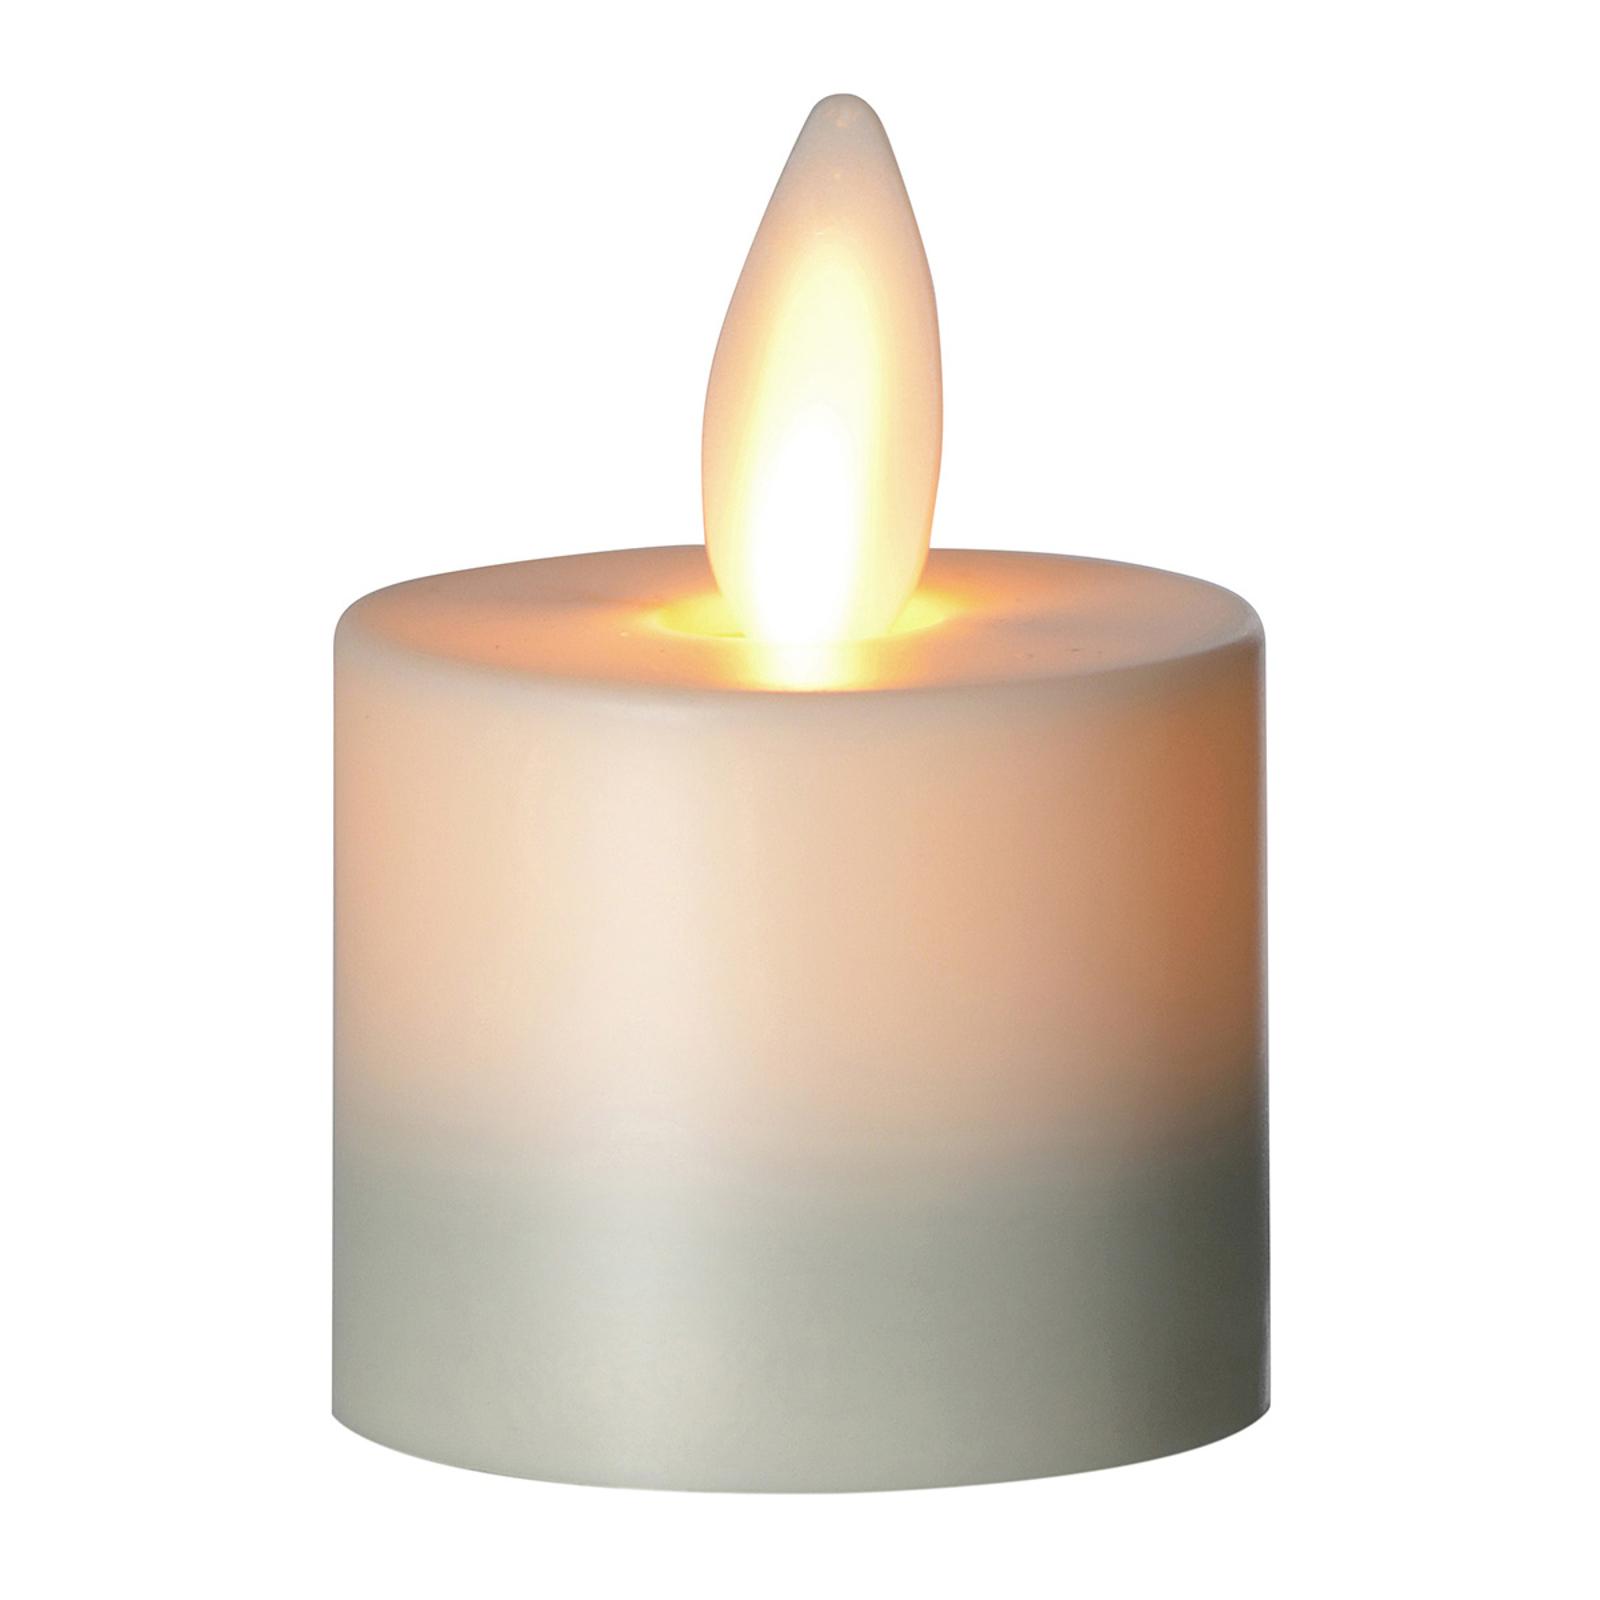 LED-stearinlys Flame telys, 3,1 cm